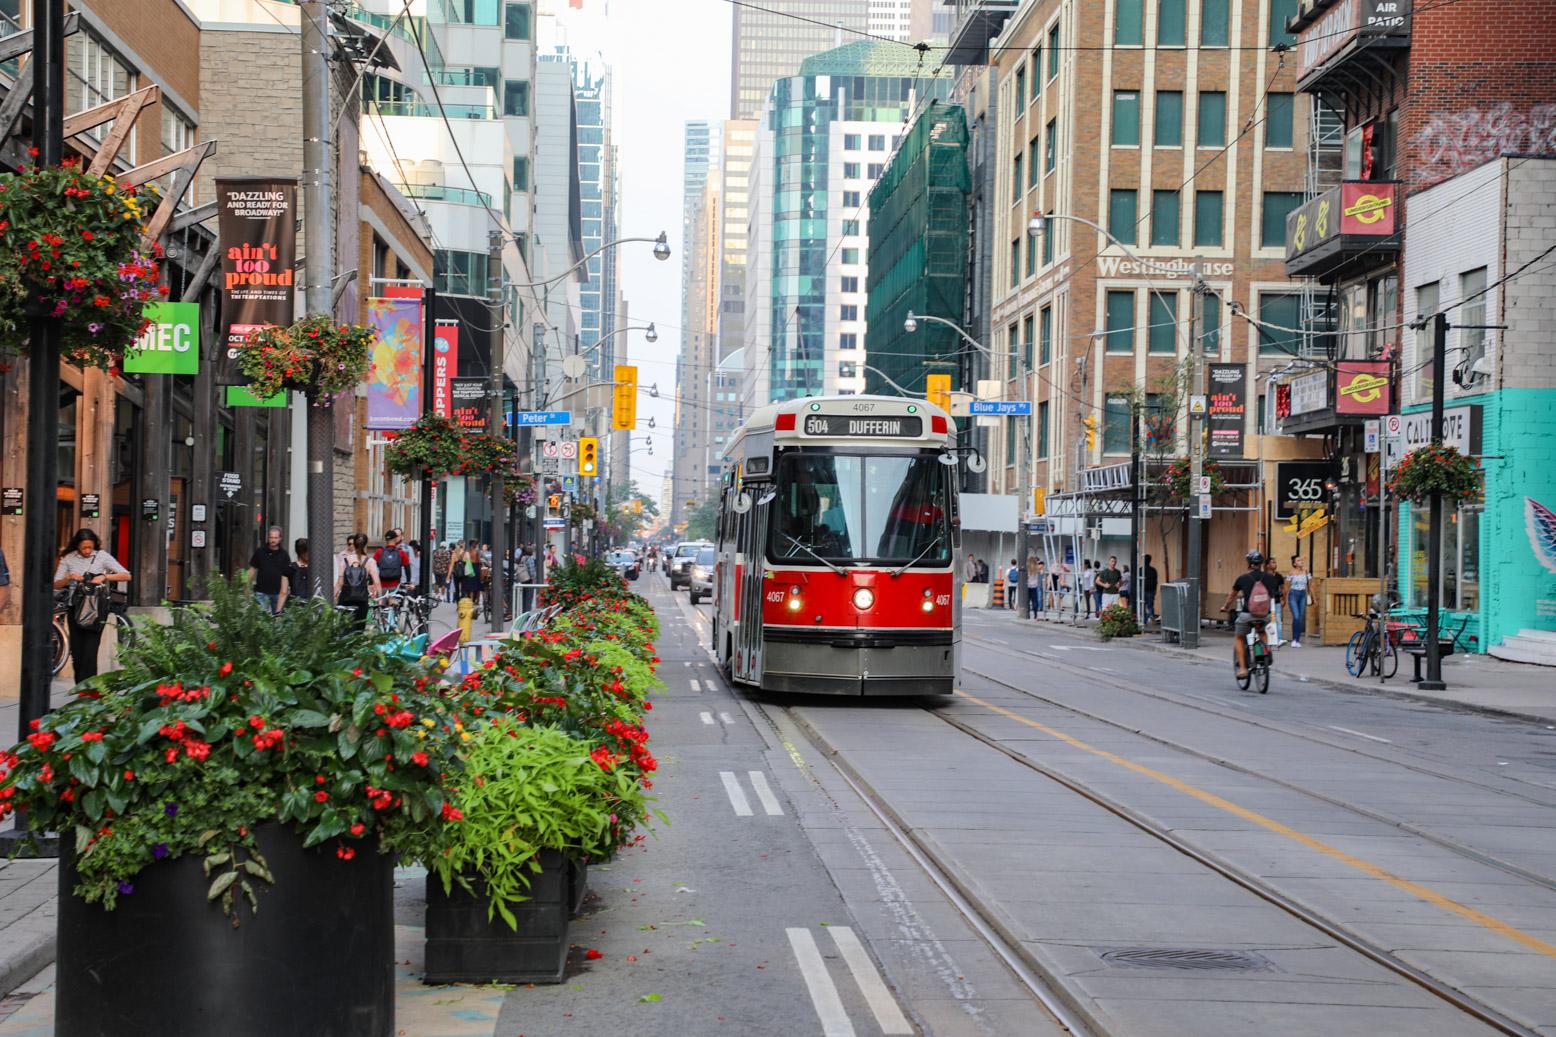 De tram is een uitstekende vorm van openbaar vervoer in Toronto